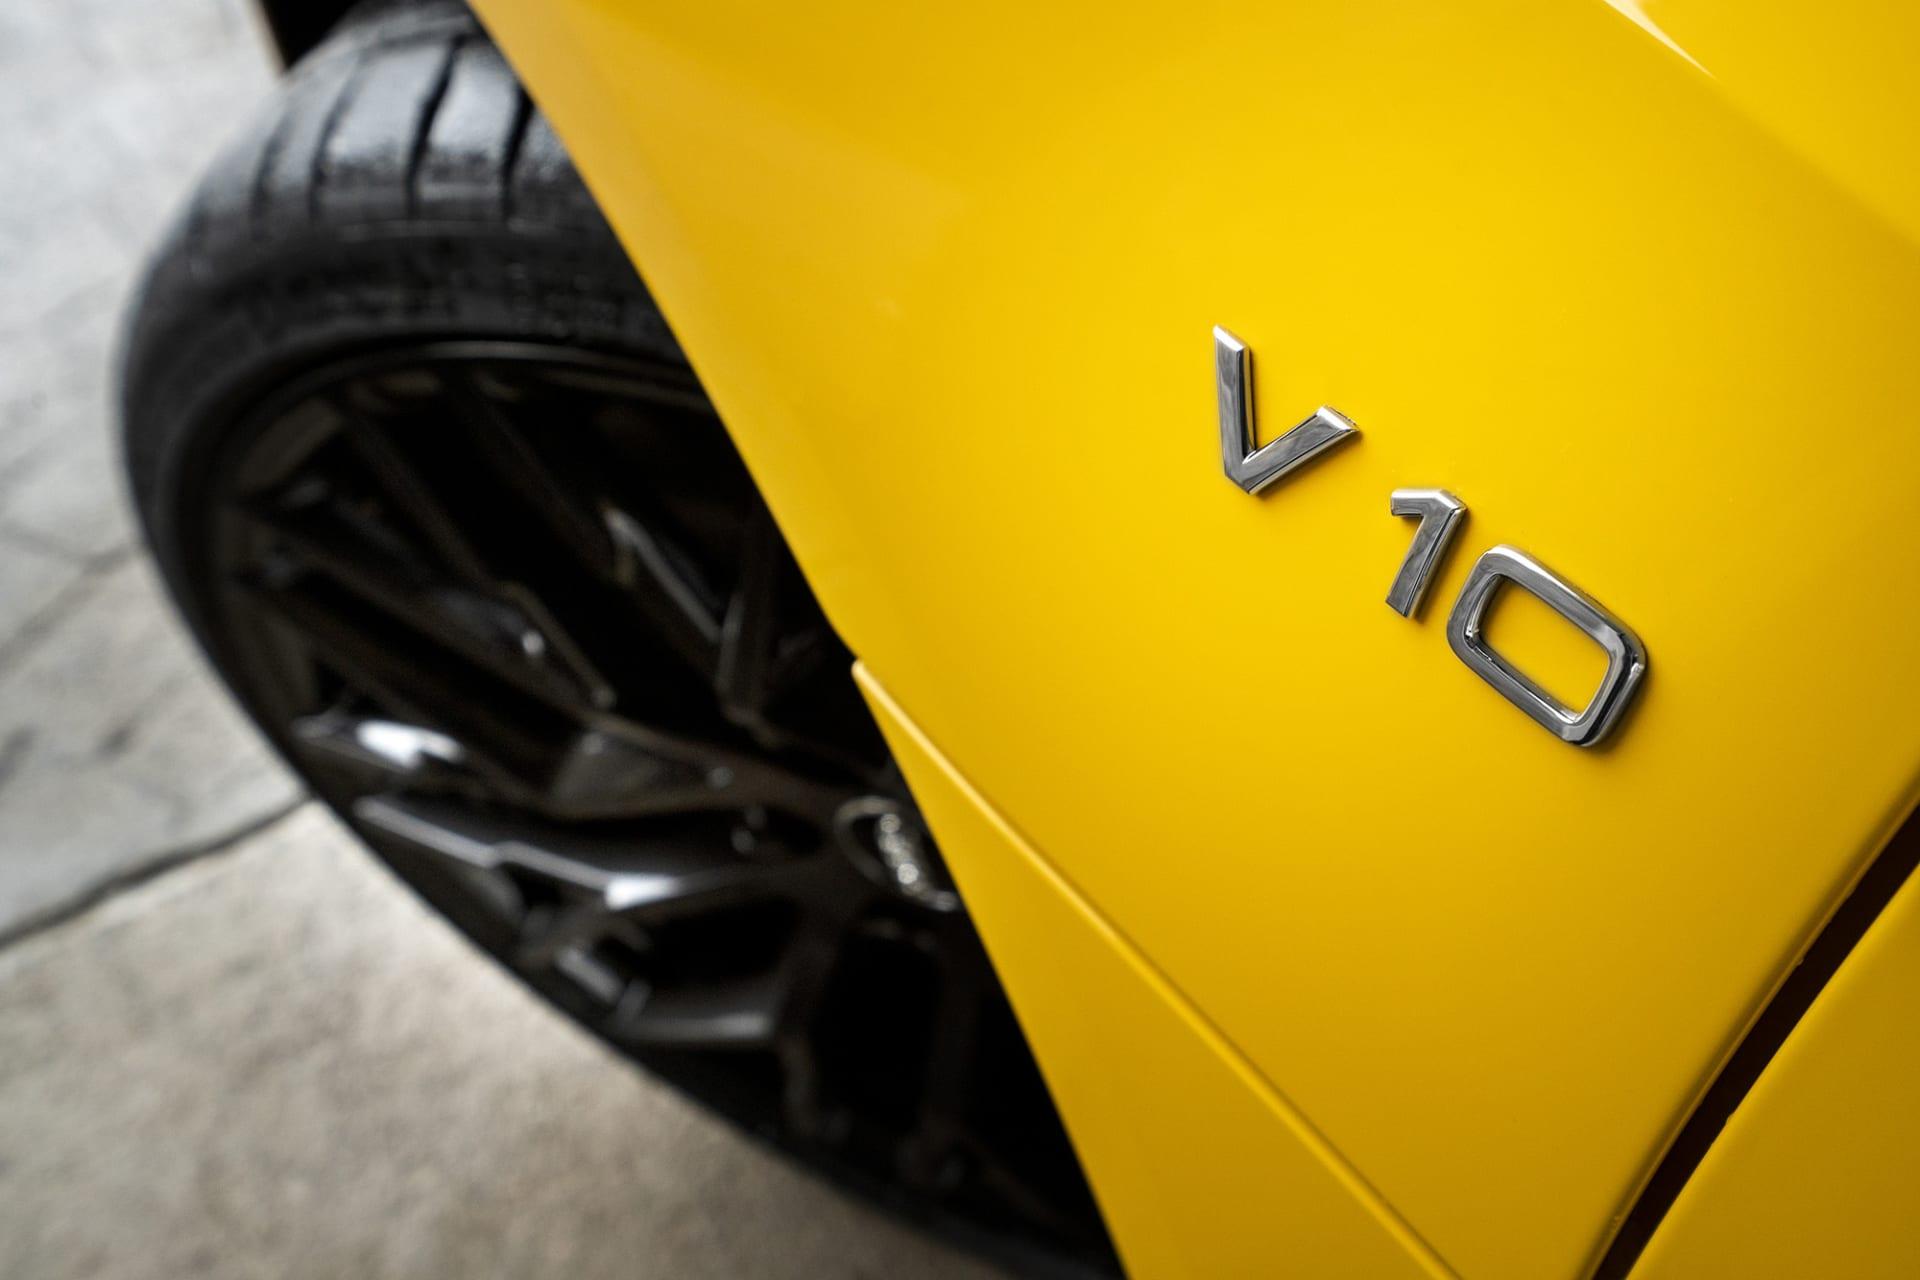 På sidan av bilen avslöjar ett emblem vilket typ av motor och mängden cylindrar Audi R8 har.